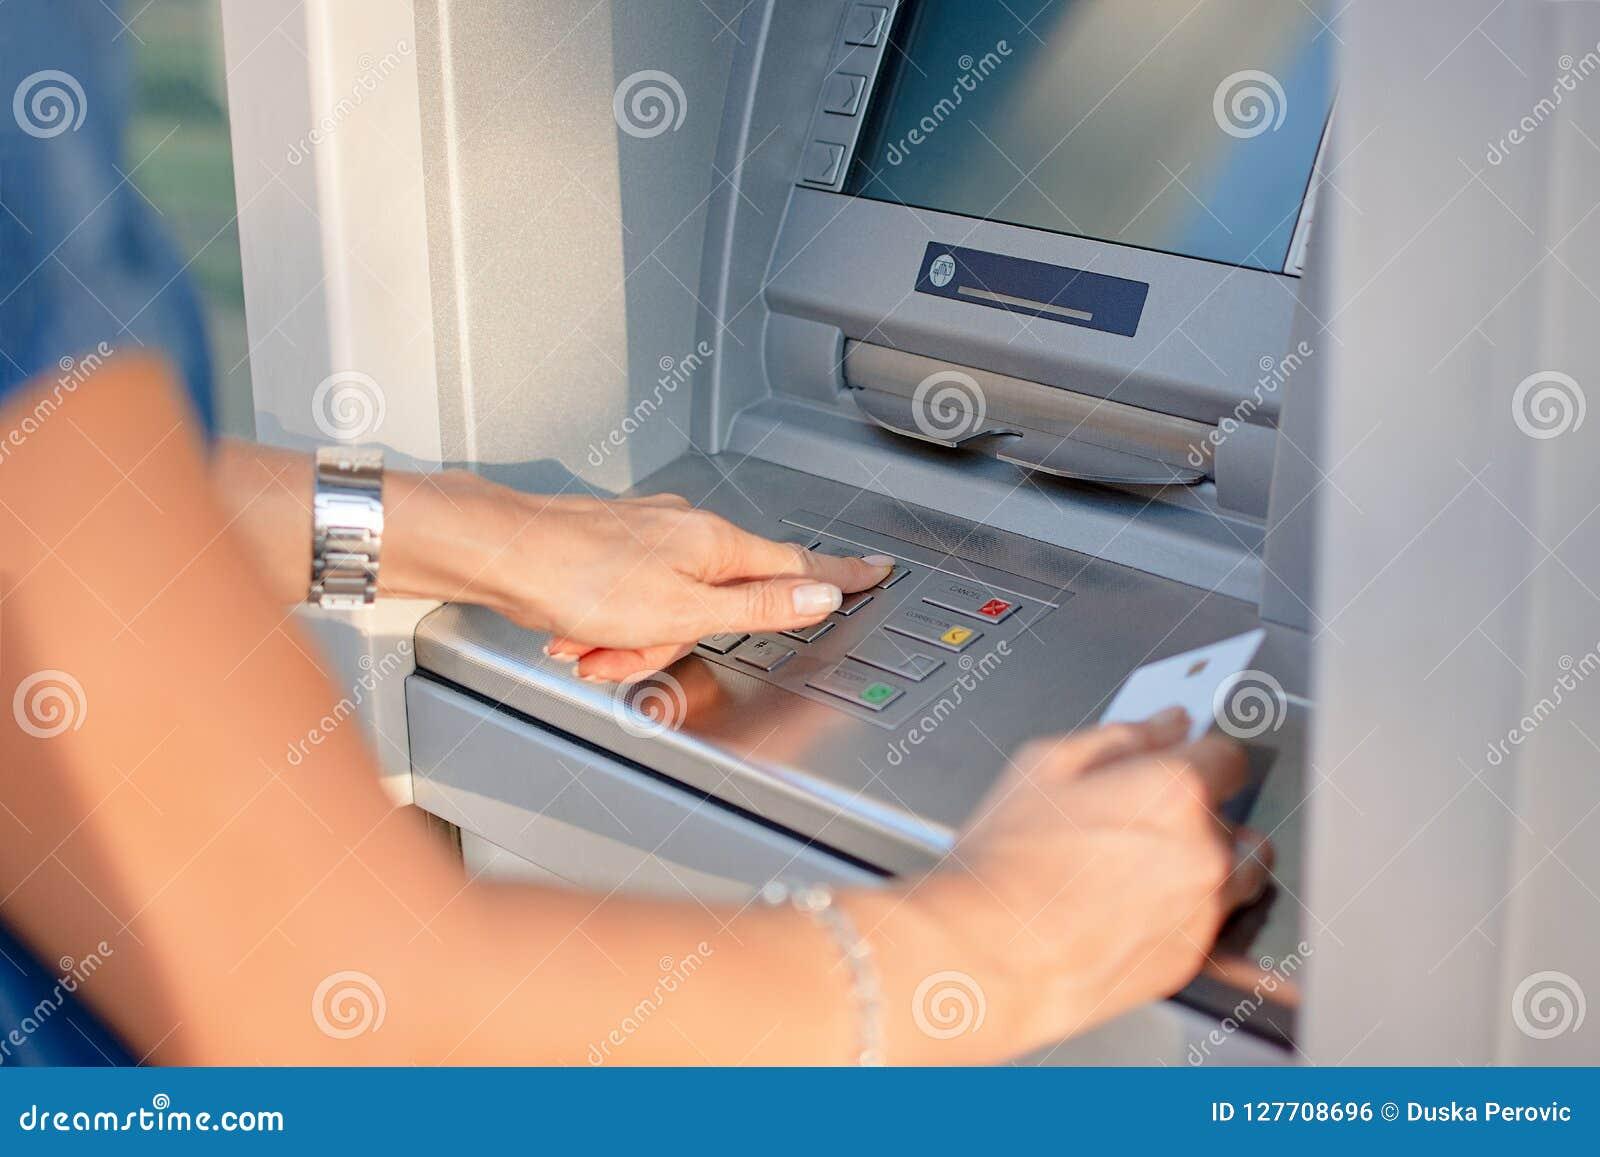 Close-up de Person Using Credit Card To que retira o dinheiro da máquina do Atm